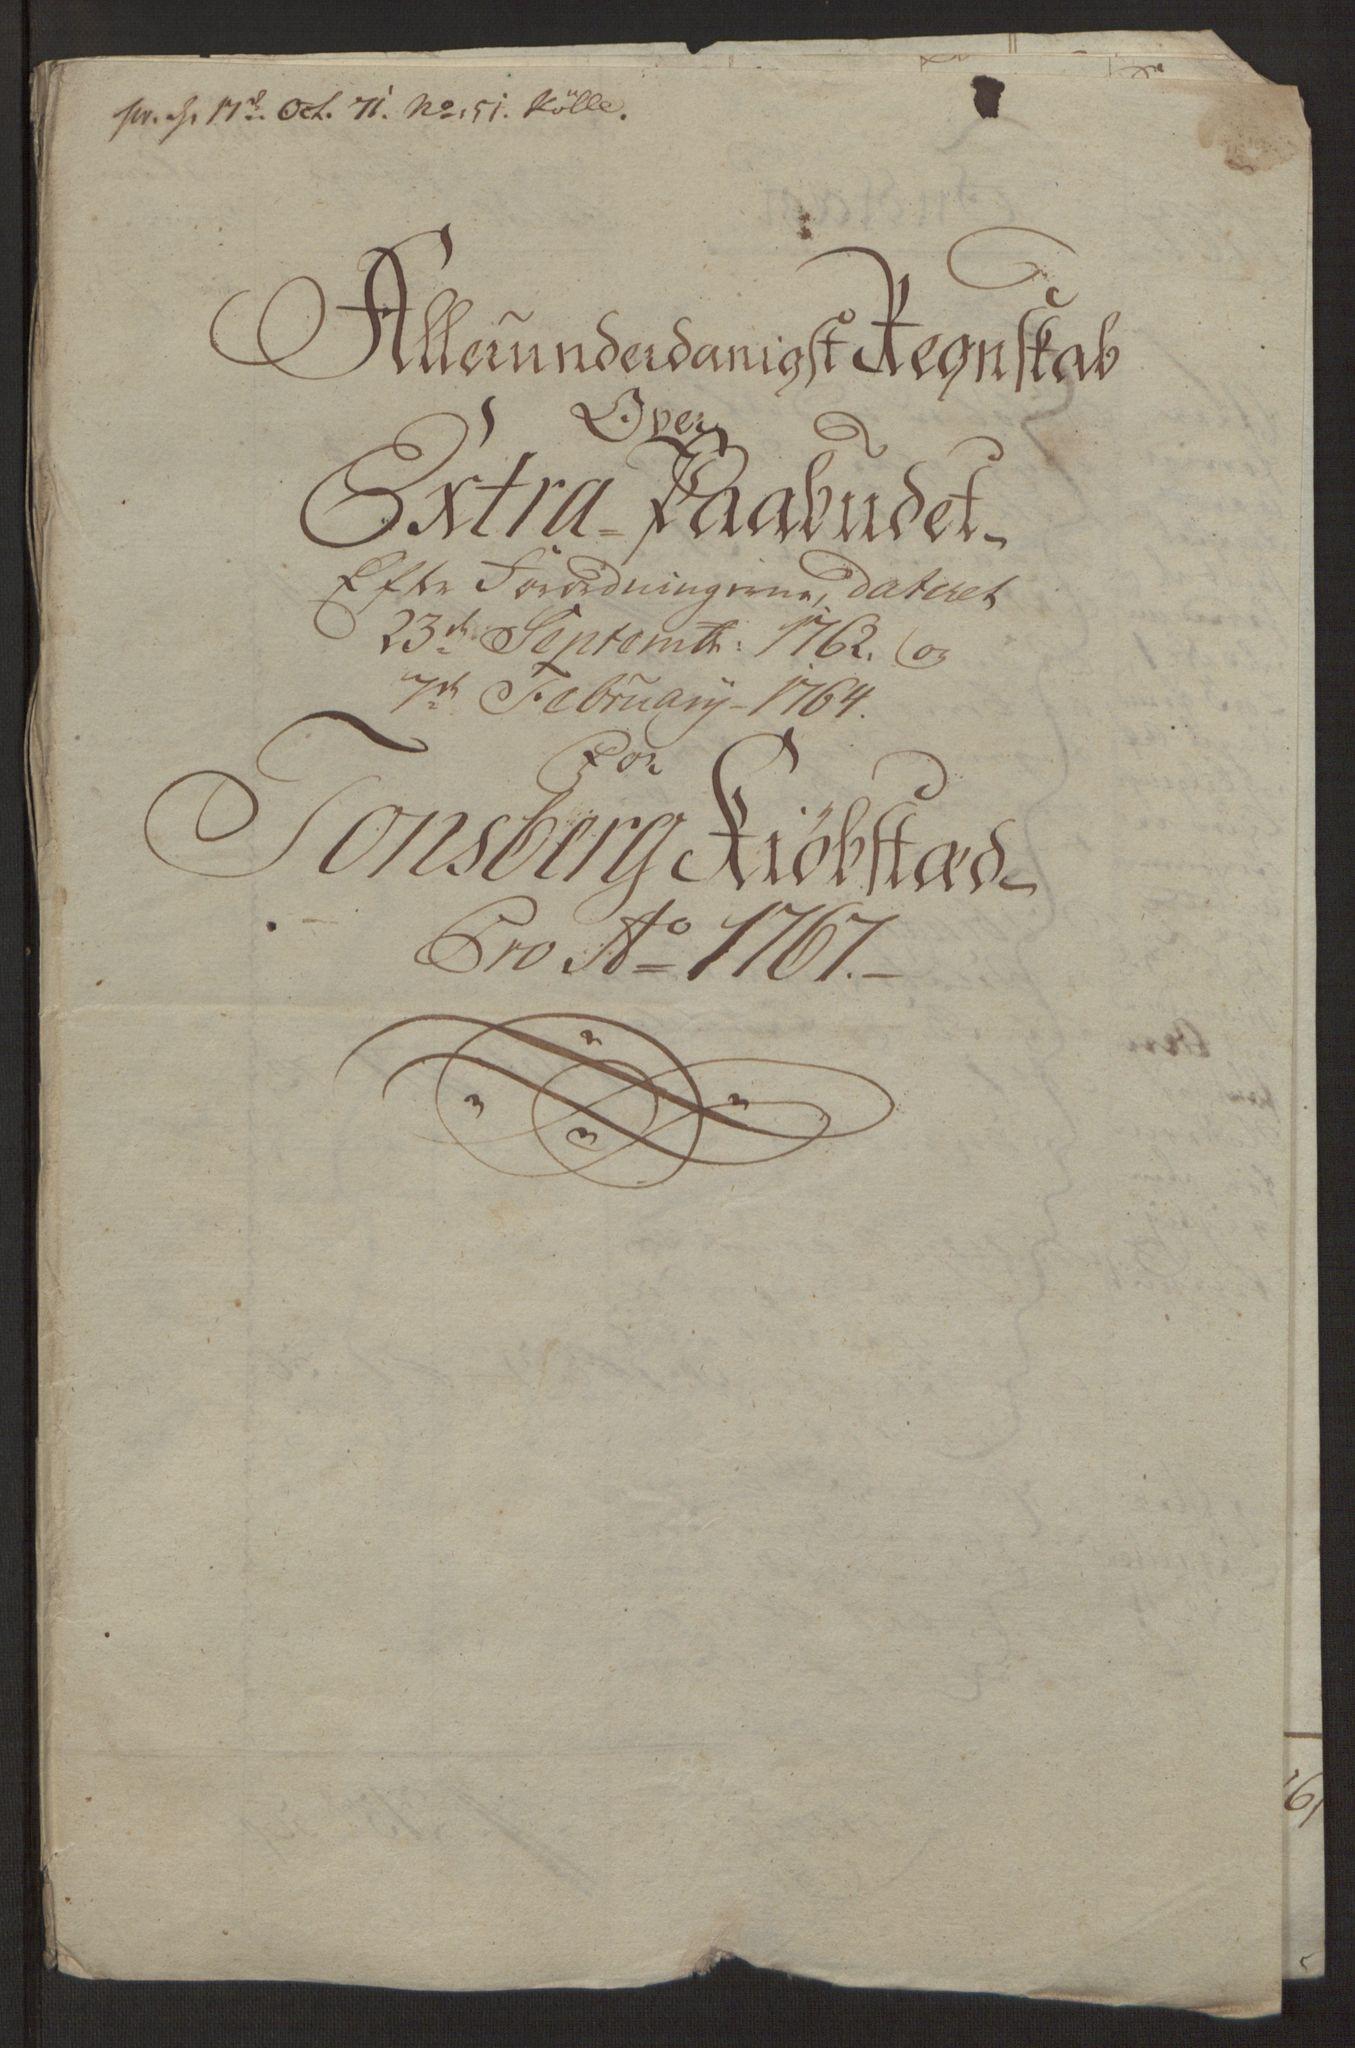 RA, Rentekammeret inntil 1814, Reviderte regnskaper, Byregnskaper, R/Rh/L0162: [H4] Kontribusjonsregnskap, 1762-1772, s. 287